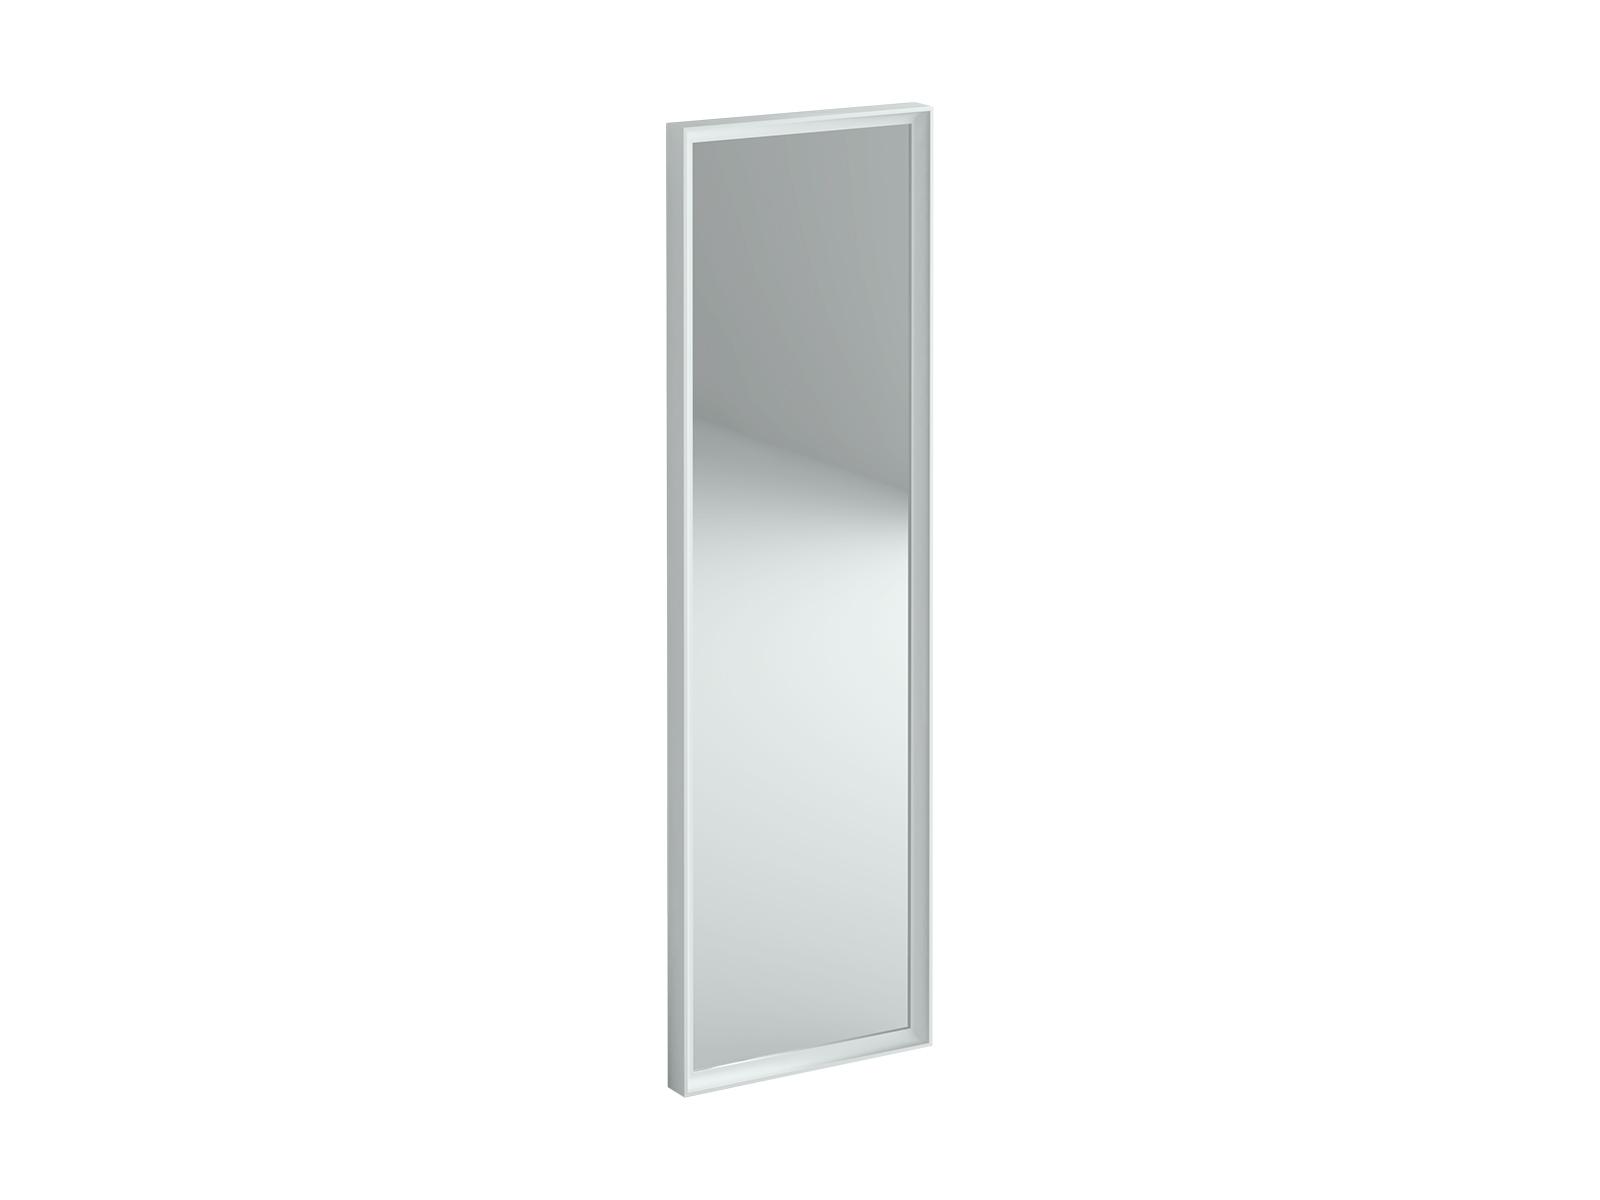 Зеркало Reina 2000Настенные зеркала<br>Зеркало напольное. На нижней кромке расположены подпятники. Для защиты зеркала от падения на задней стенке установлены навесы для крепления к стене. В зависимости от типа стен требуются различные крепежные приспособления, которые в комплект поставки не входят. Подберите подходящие для ваших стен шурупы, саморезы, дюбели и т. п.<br><br>Material: МДФ<br>Width см: 60<br>Depth см: 6<br>Height см: 201